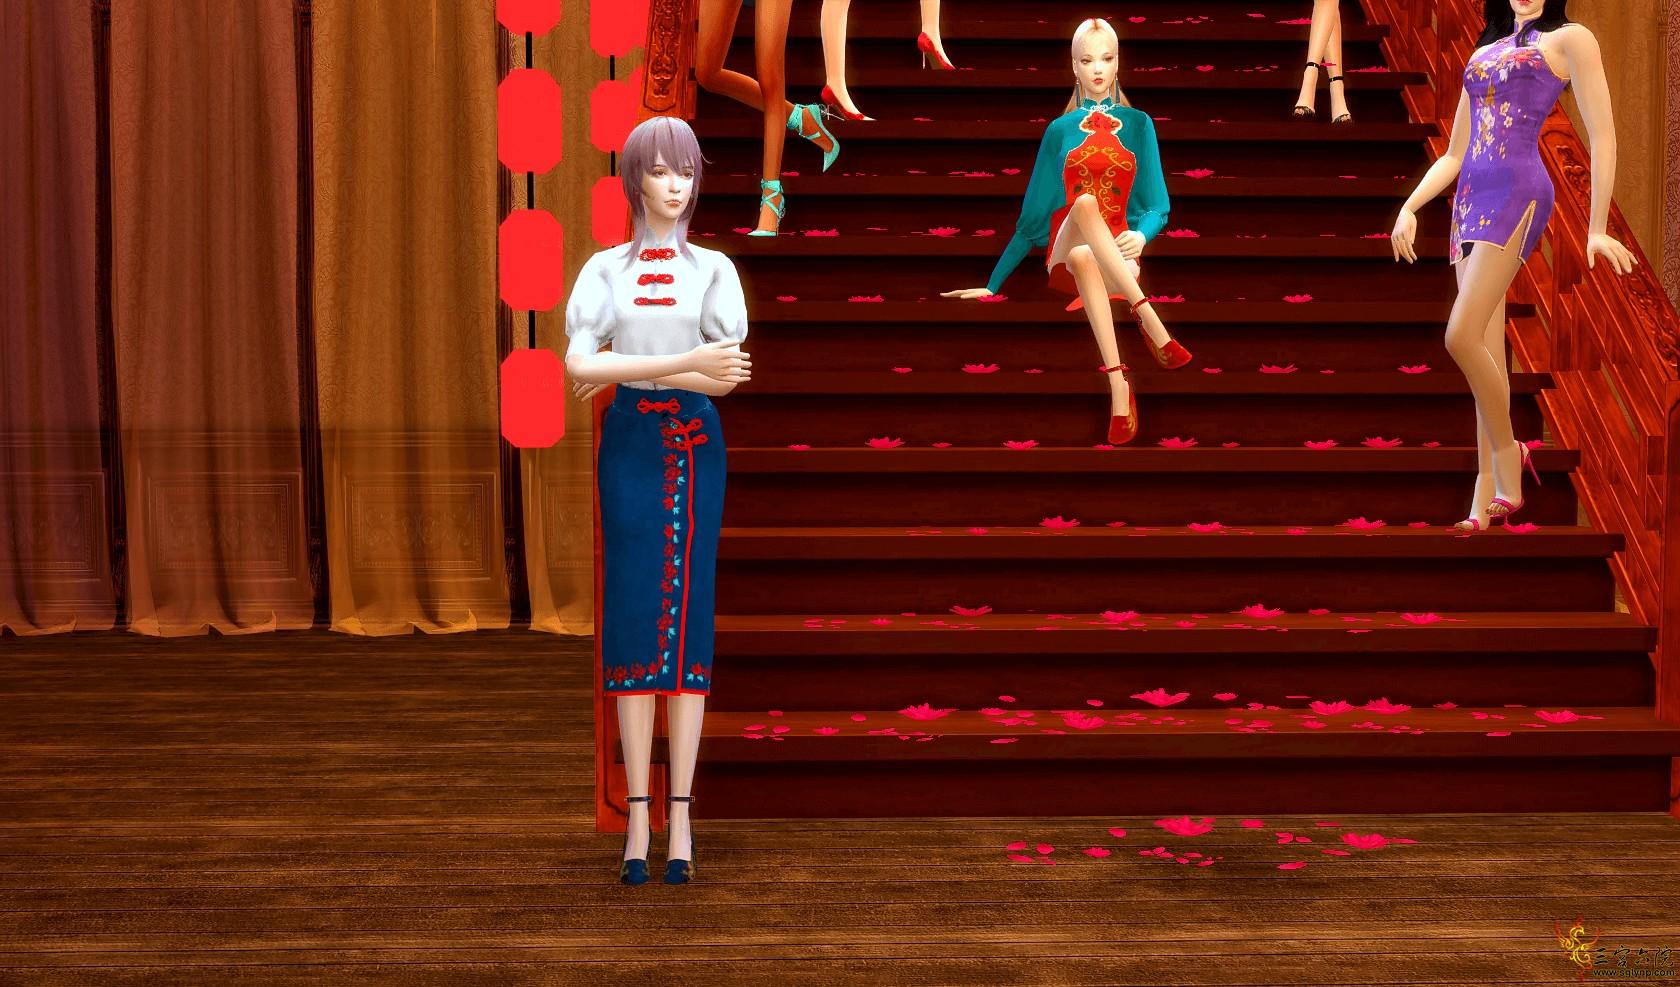 Sims 4 Screenshot 2020.06.21 - 02.14.14.29.png